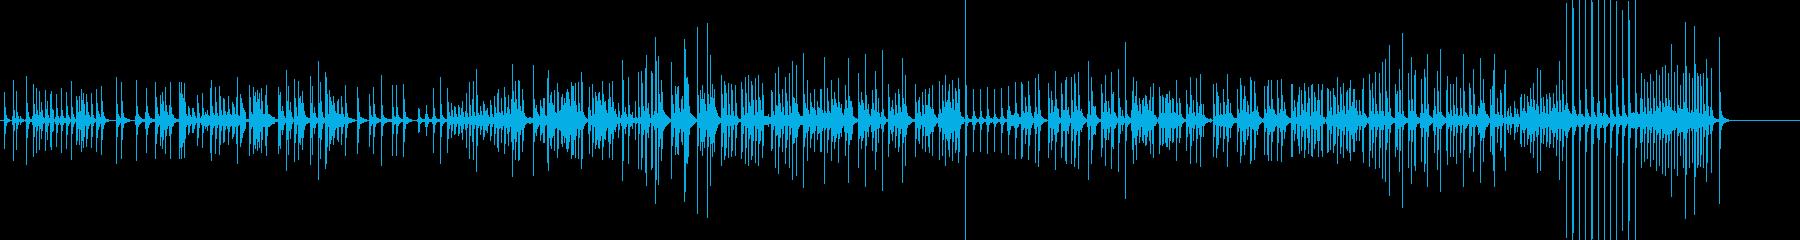 三味線37娘道成寺16日本式レビューショの再生済みの波形